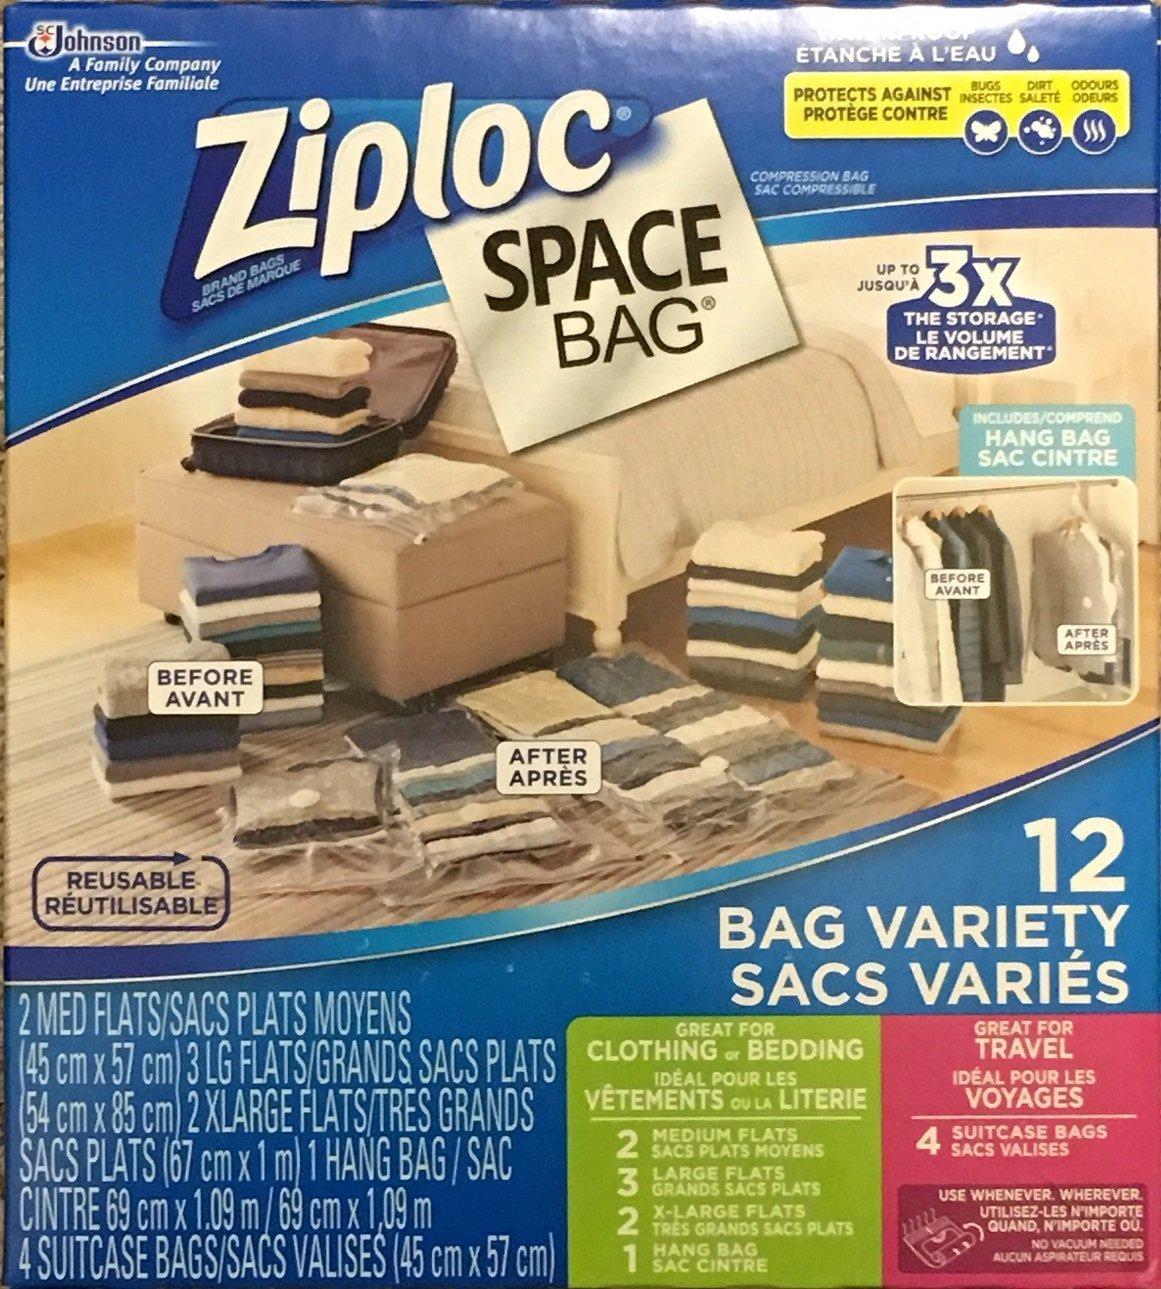 Ziploc Space Bag, 12 Vacuum Bag Variety